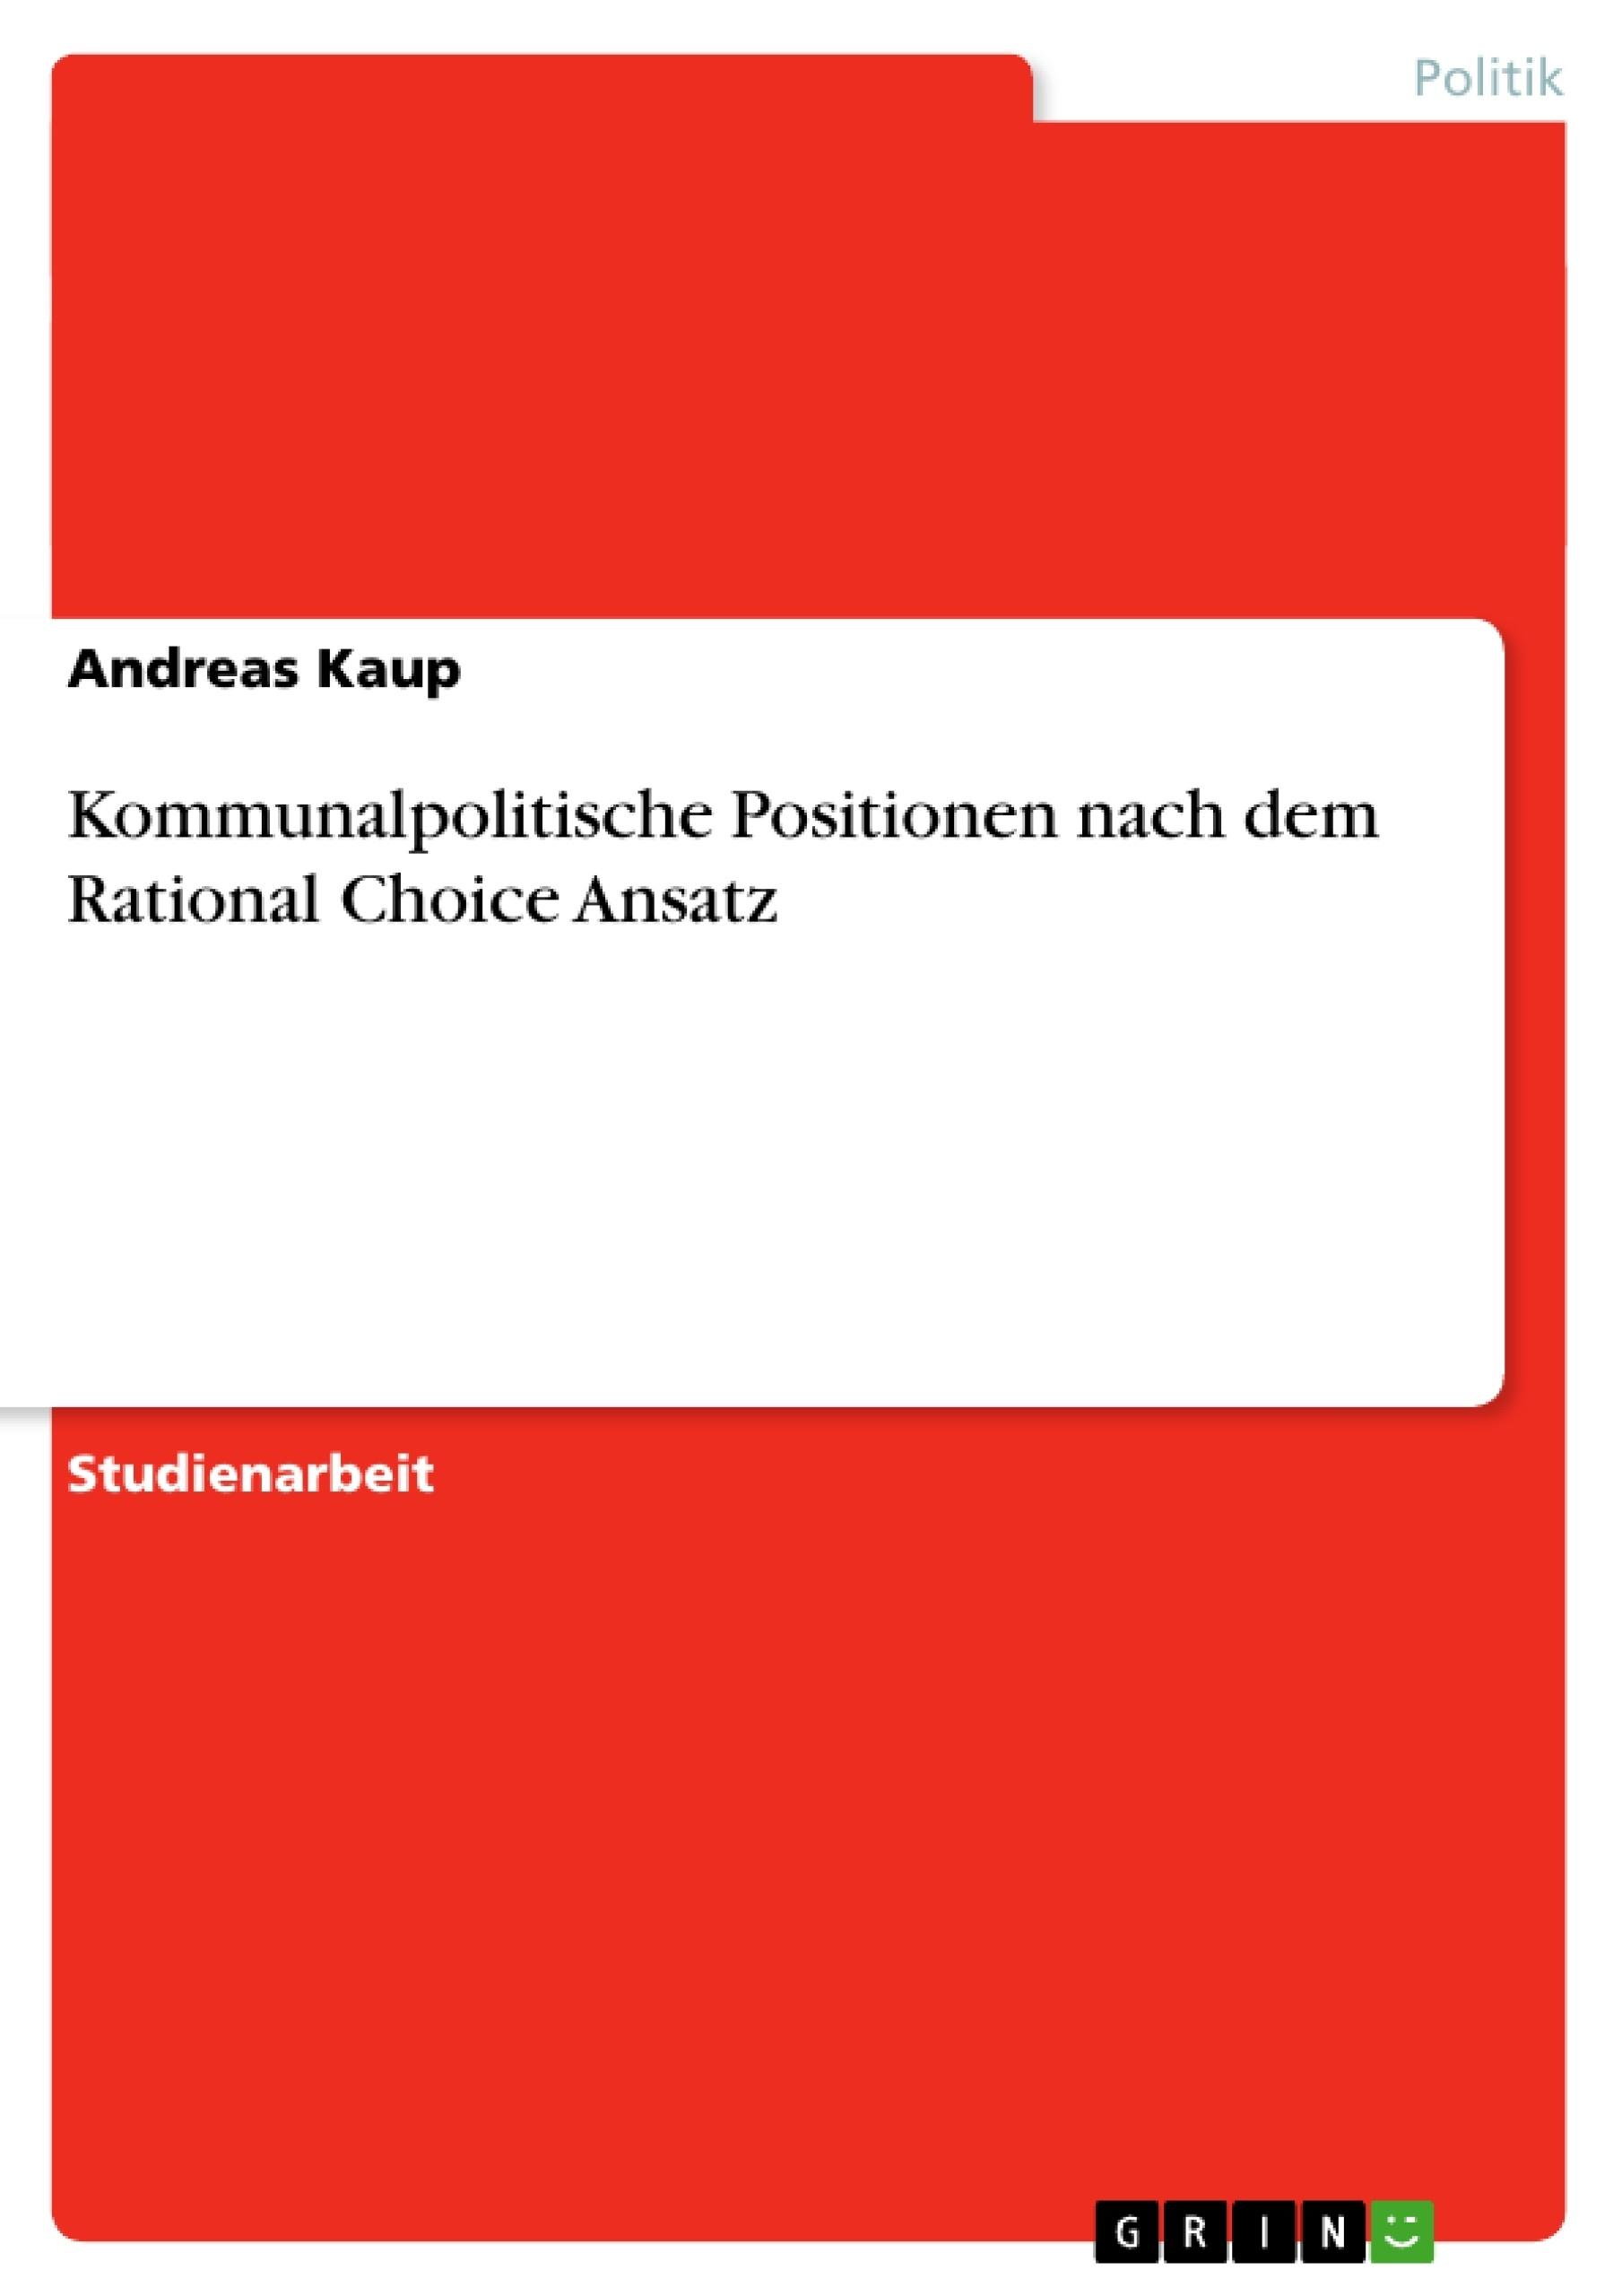 Titel: Kommunalpolitische Positionen nach dem Rational Choice Ansatz